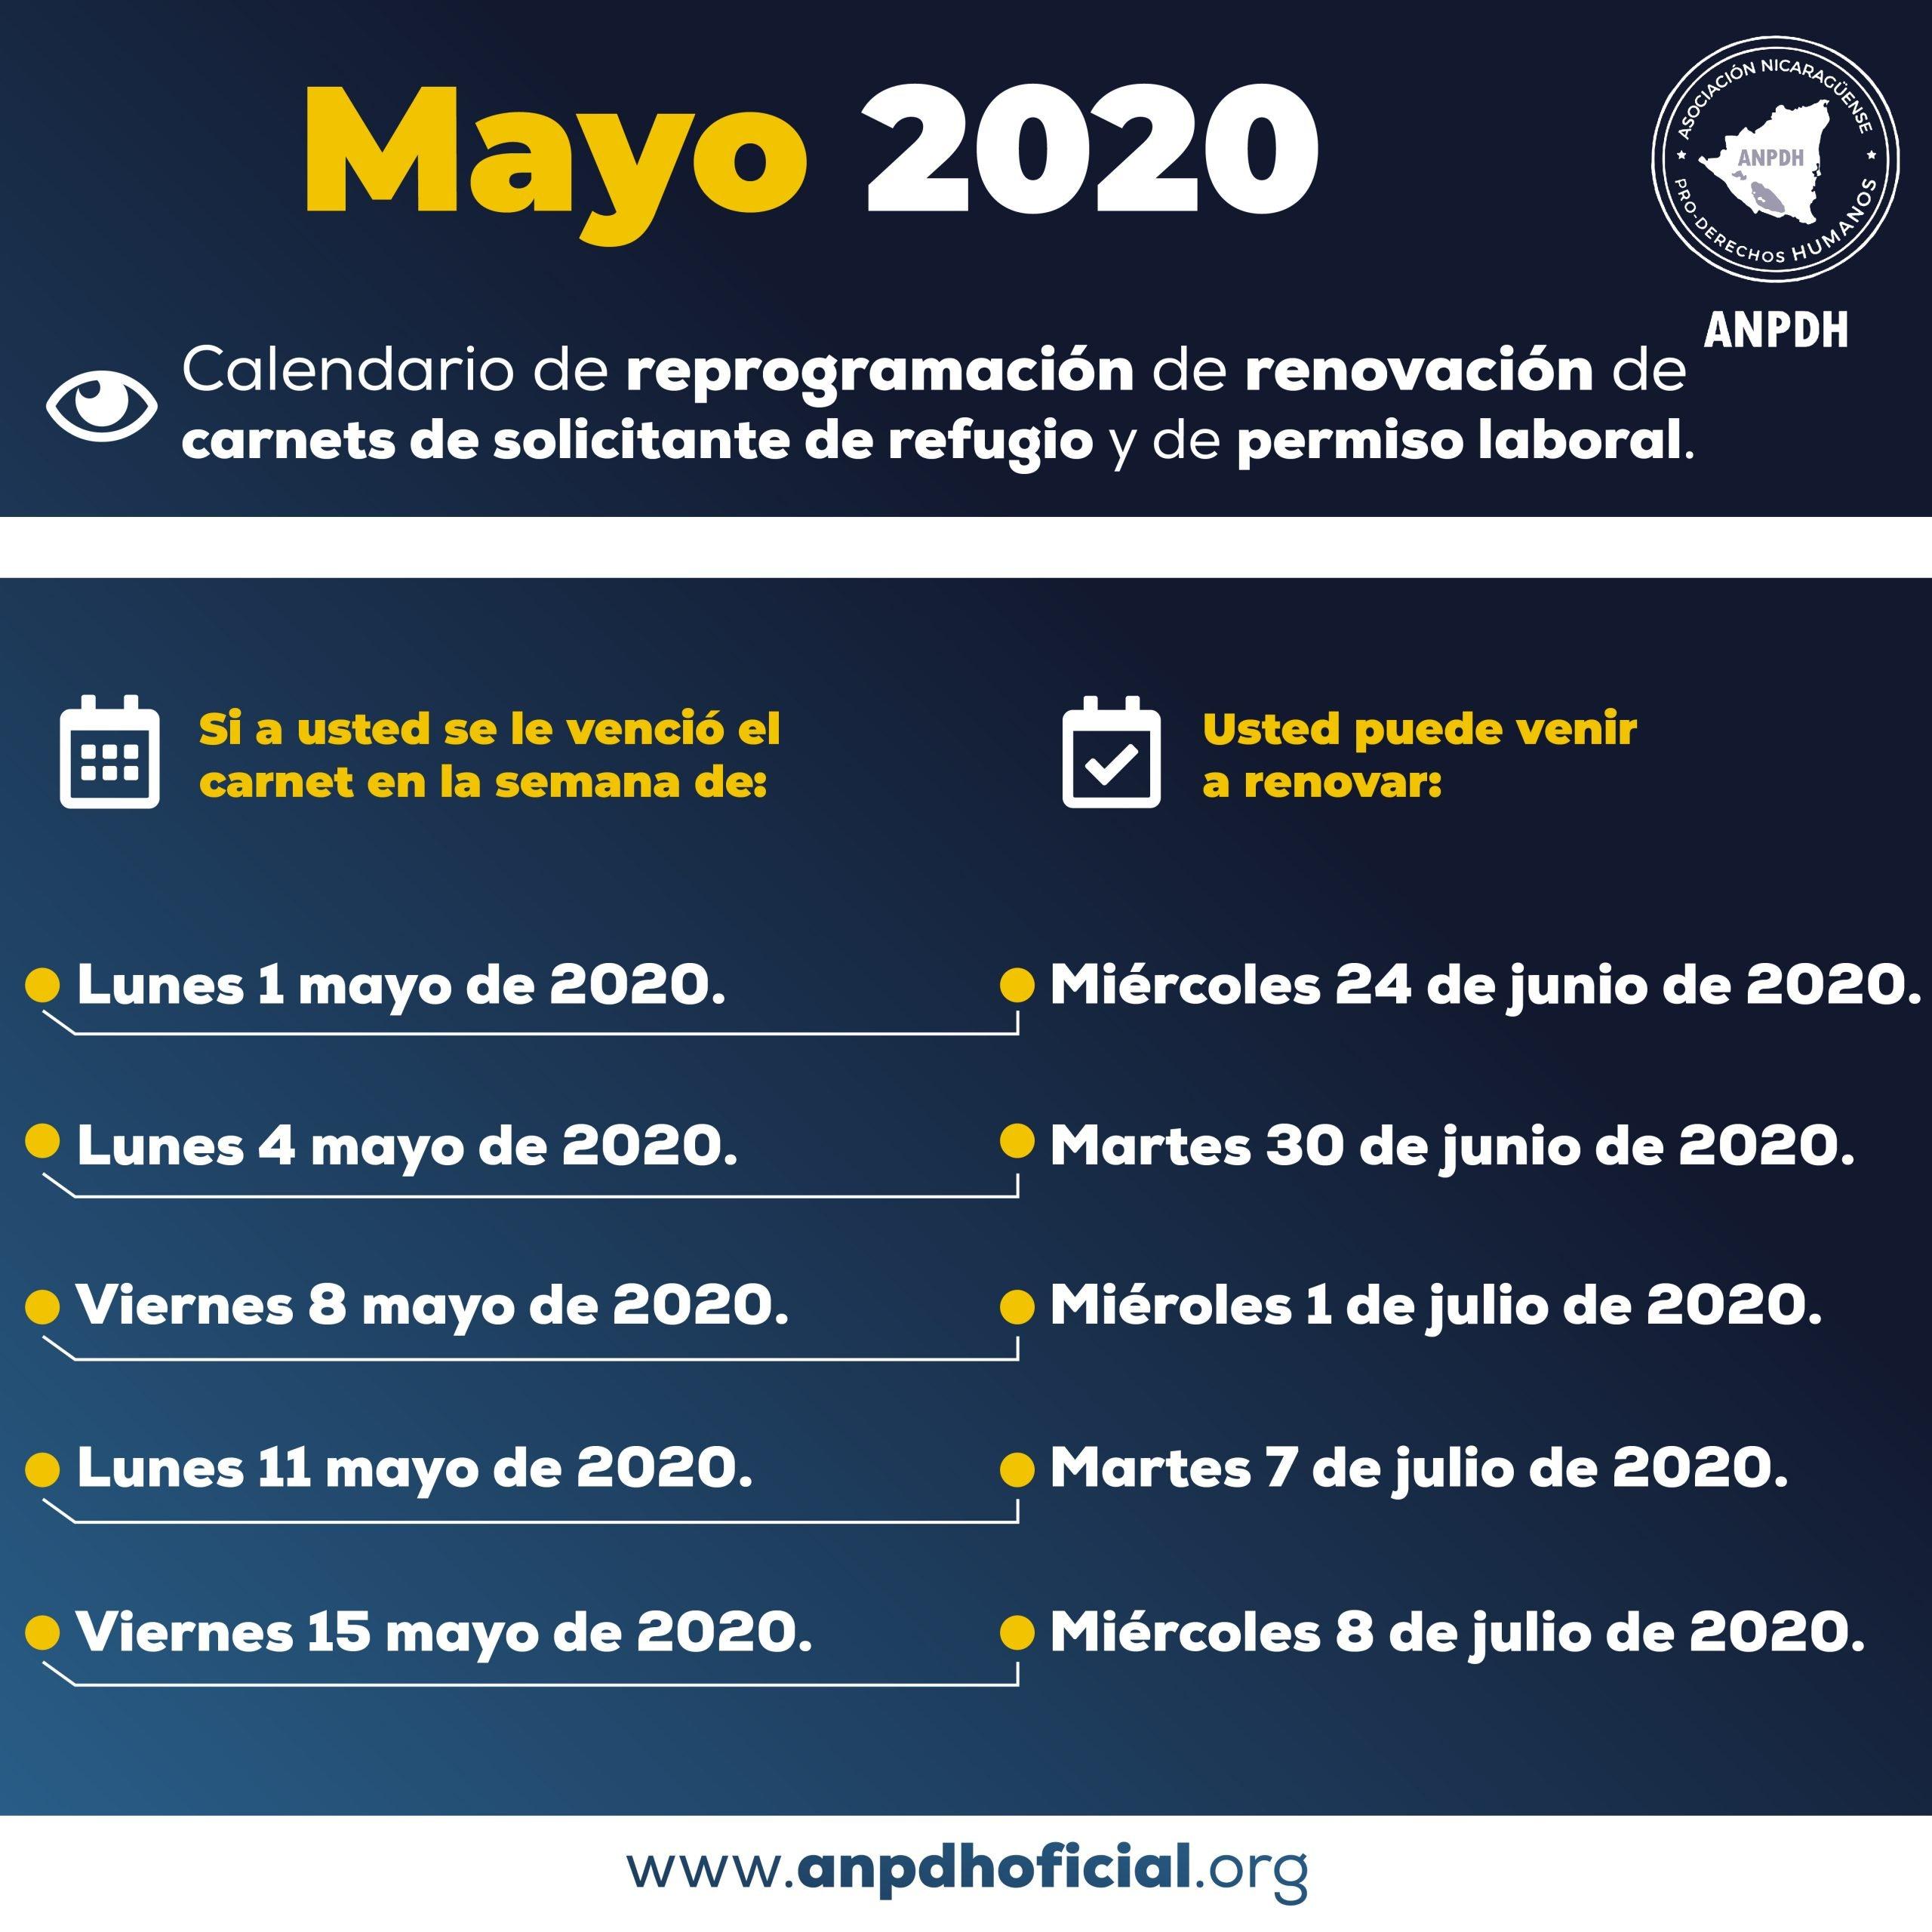 SOLICITANTE DE REFUGIO Y RENOVACION MAYO